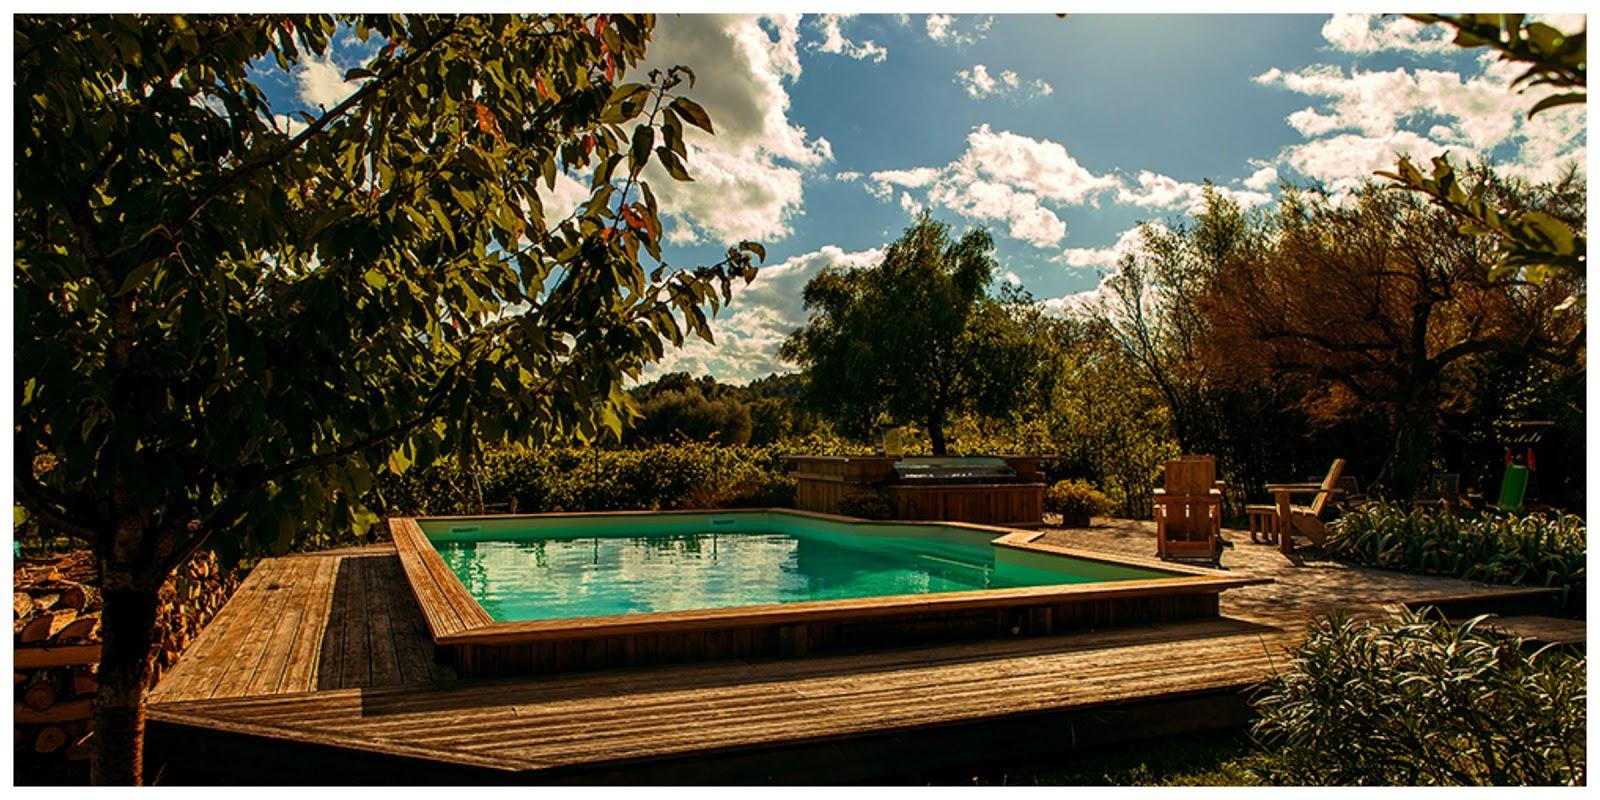 Le blog des professionnels de la piscine et du spa - Piscine hors sol impot ...